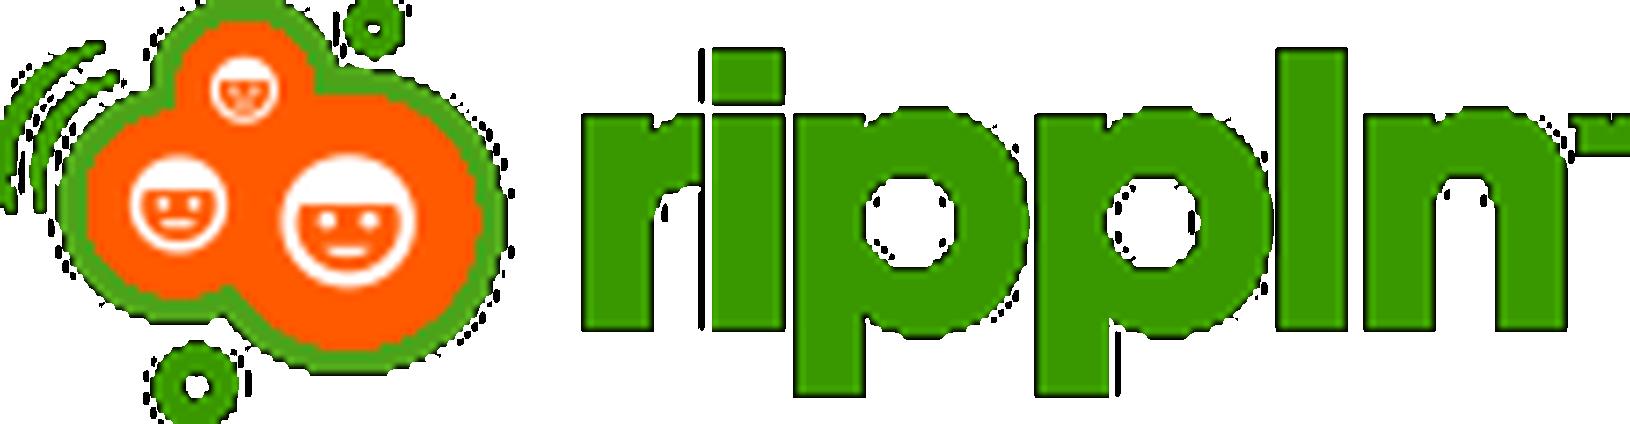 RippLn Social Commerce